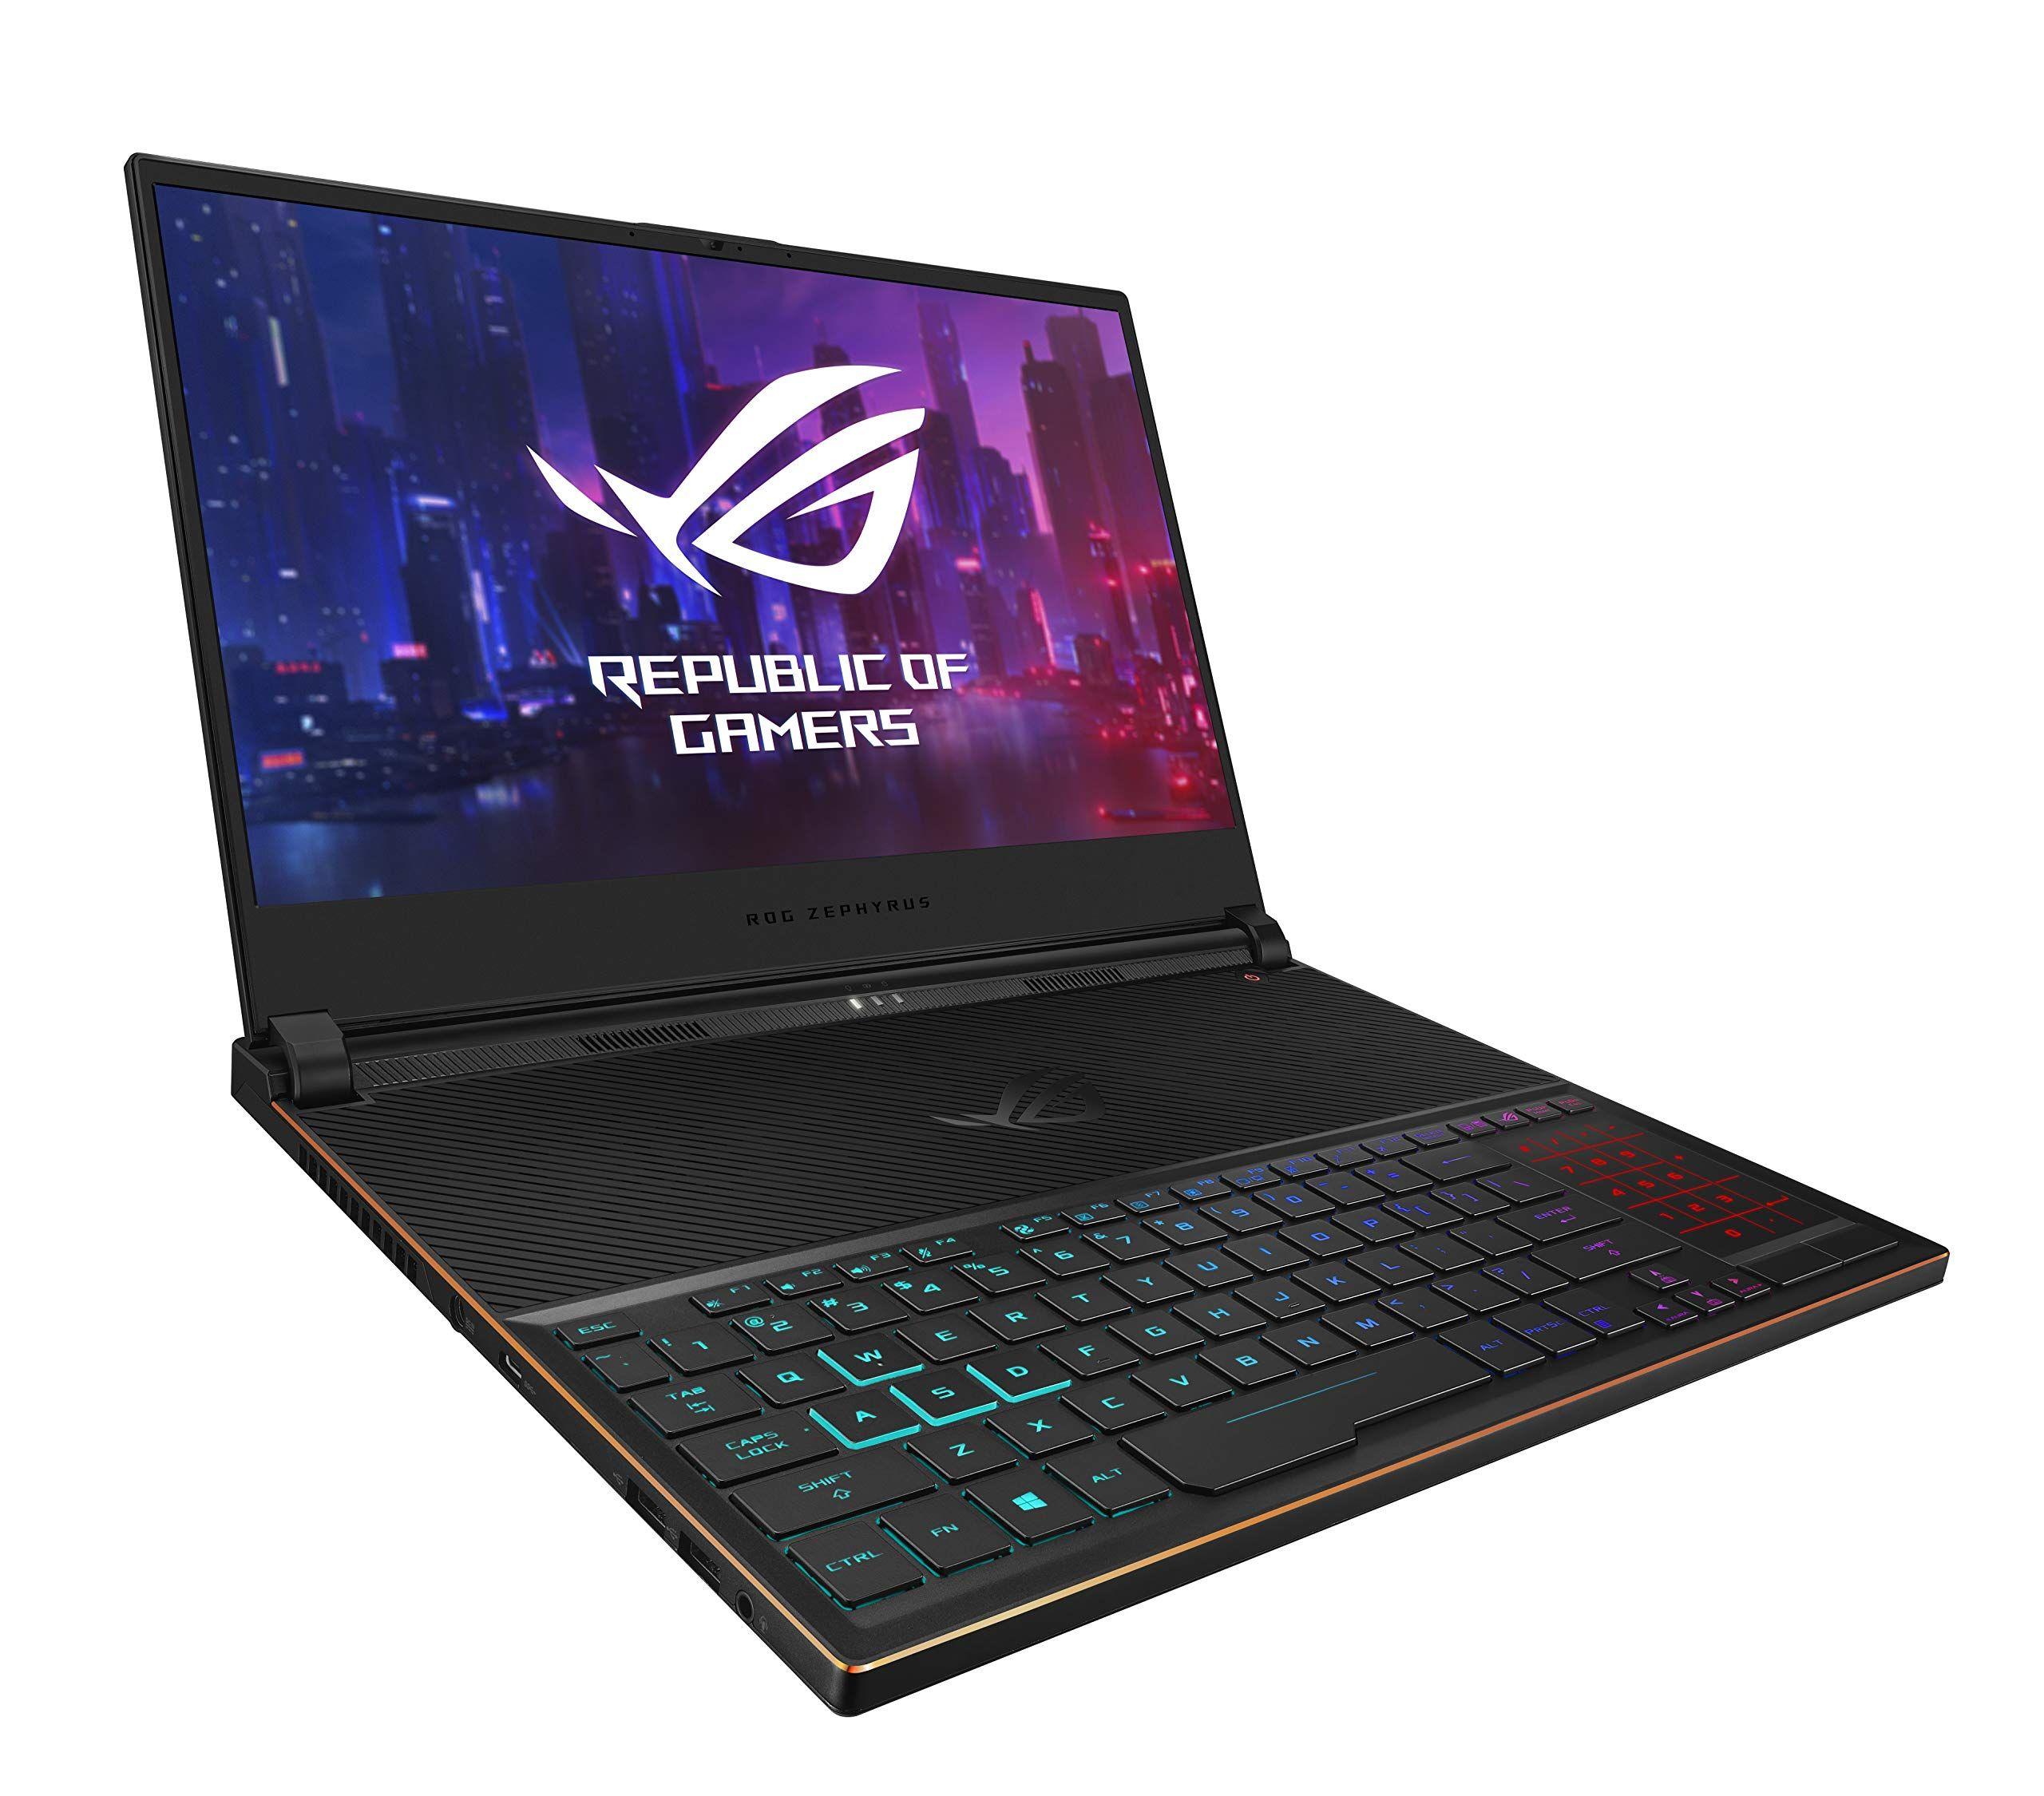 Asus Rog Zephyrus S Ultra Slim Gaming Laptop 15 6 144hz Ips Type Fhd Geforce Rtx 2070 Intel Core I7 8750h 16gb Ddr4 512g Gaming Laptops Asus Laptop Price